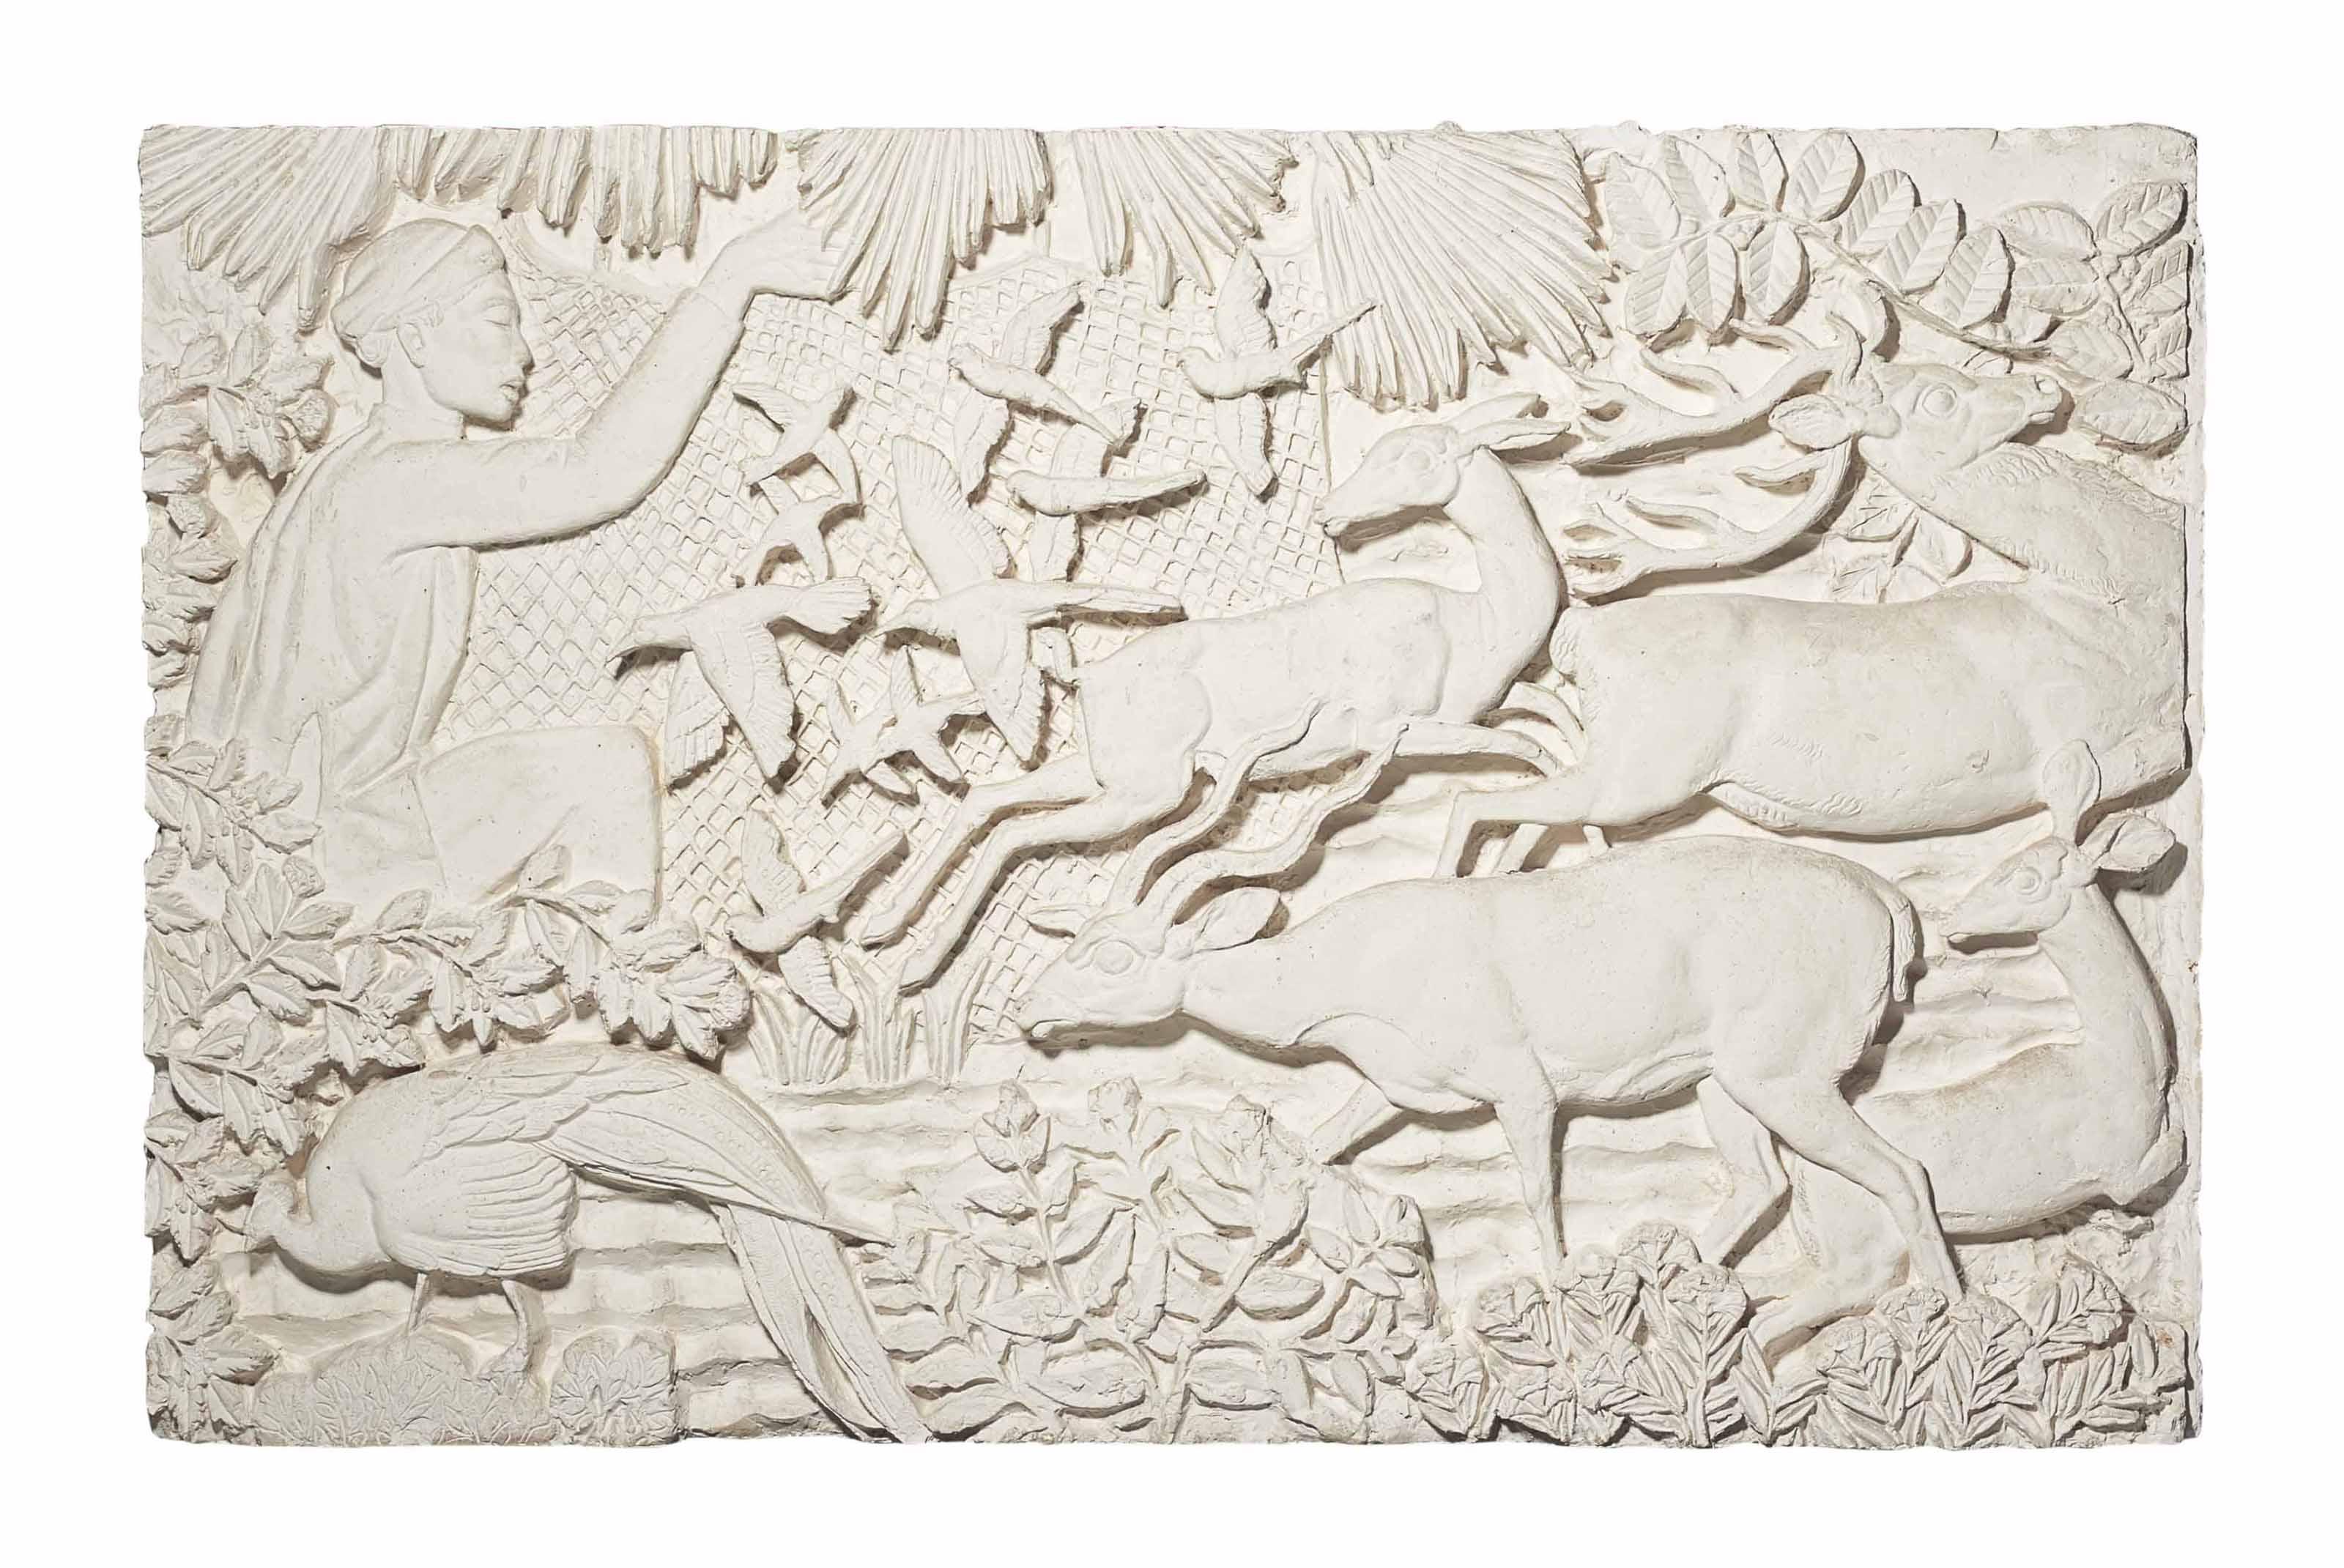 Annam, projet pour le bas-relief du musée des colonies, vers 1930